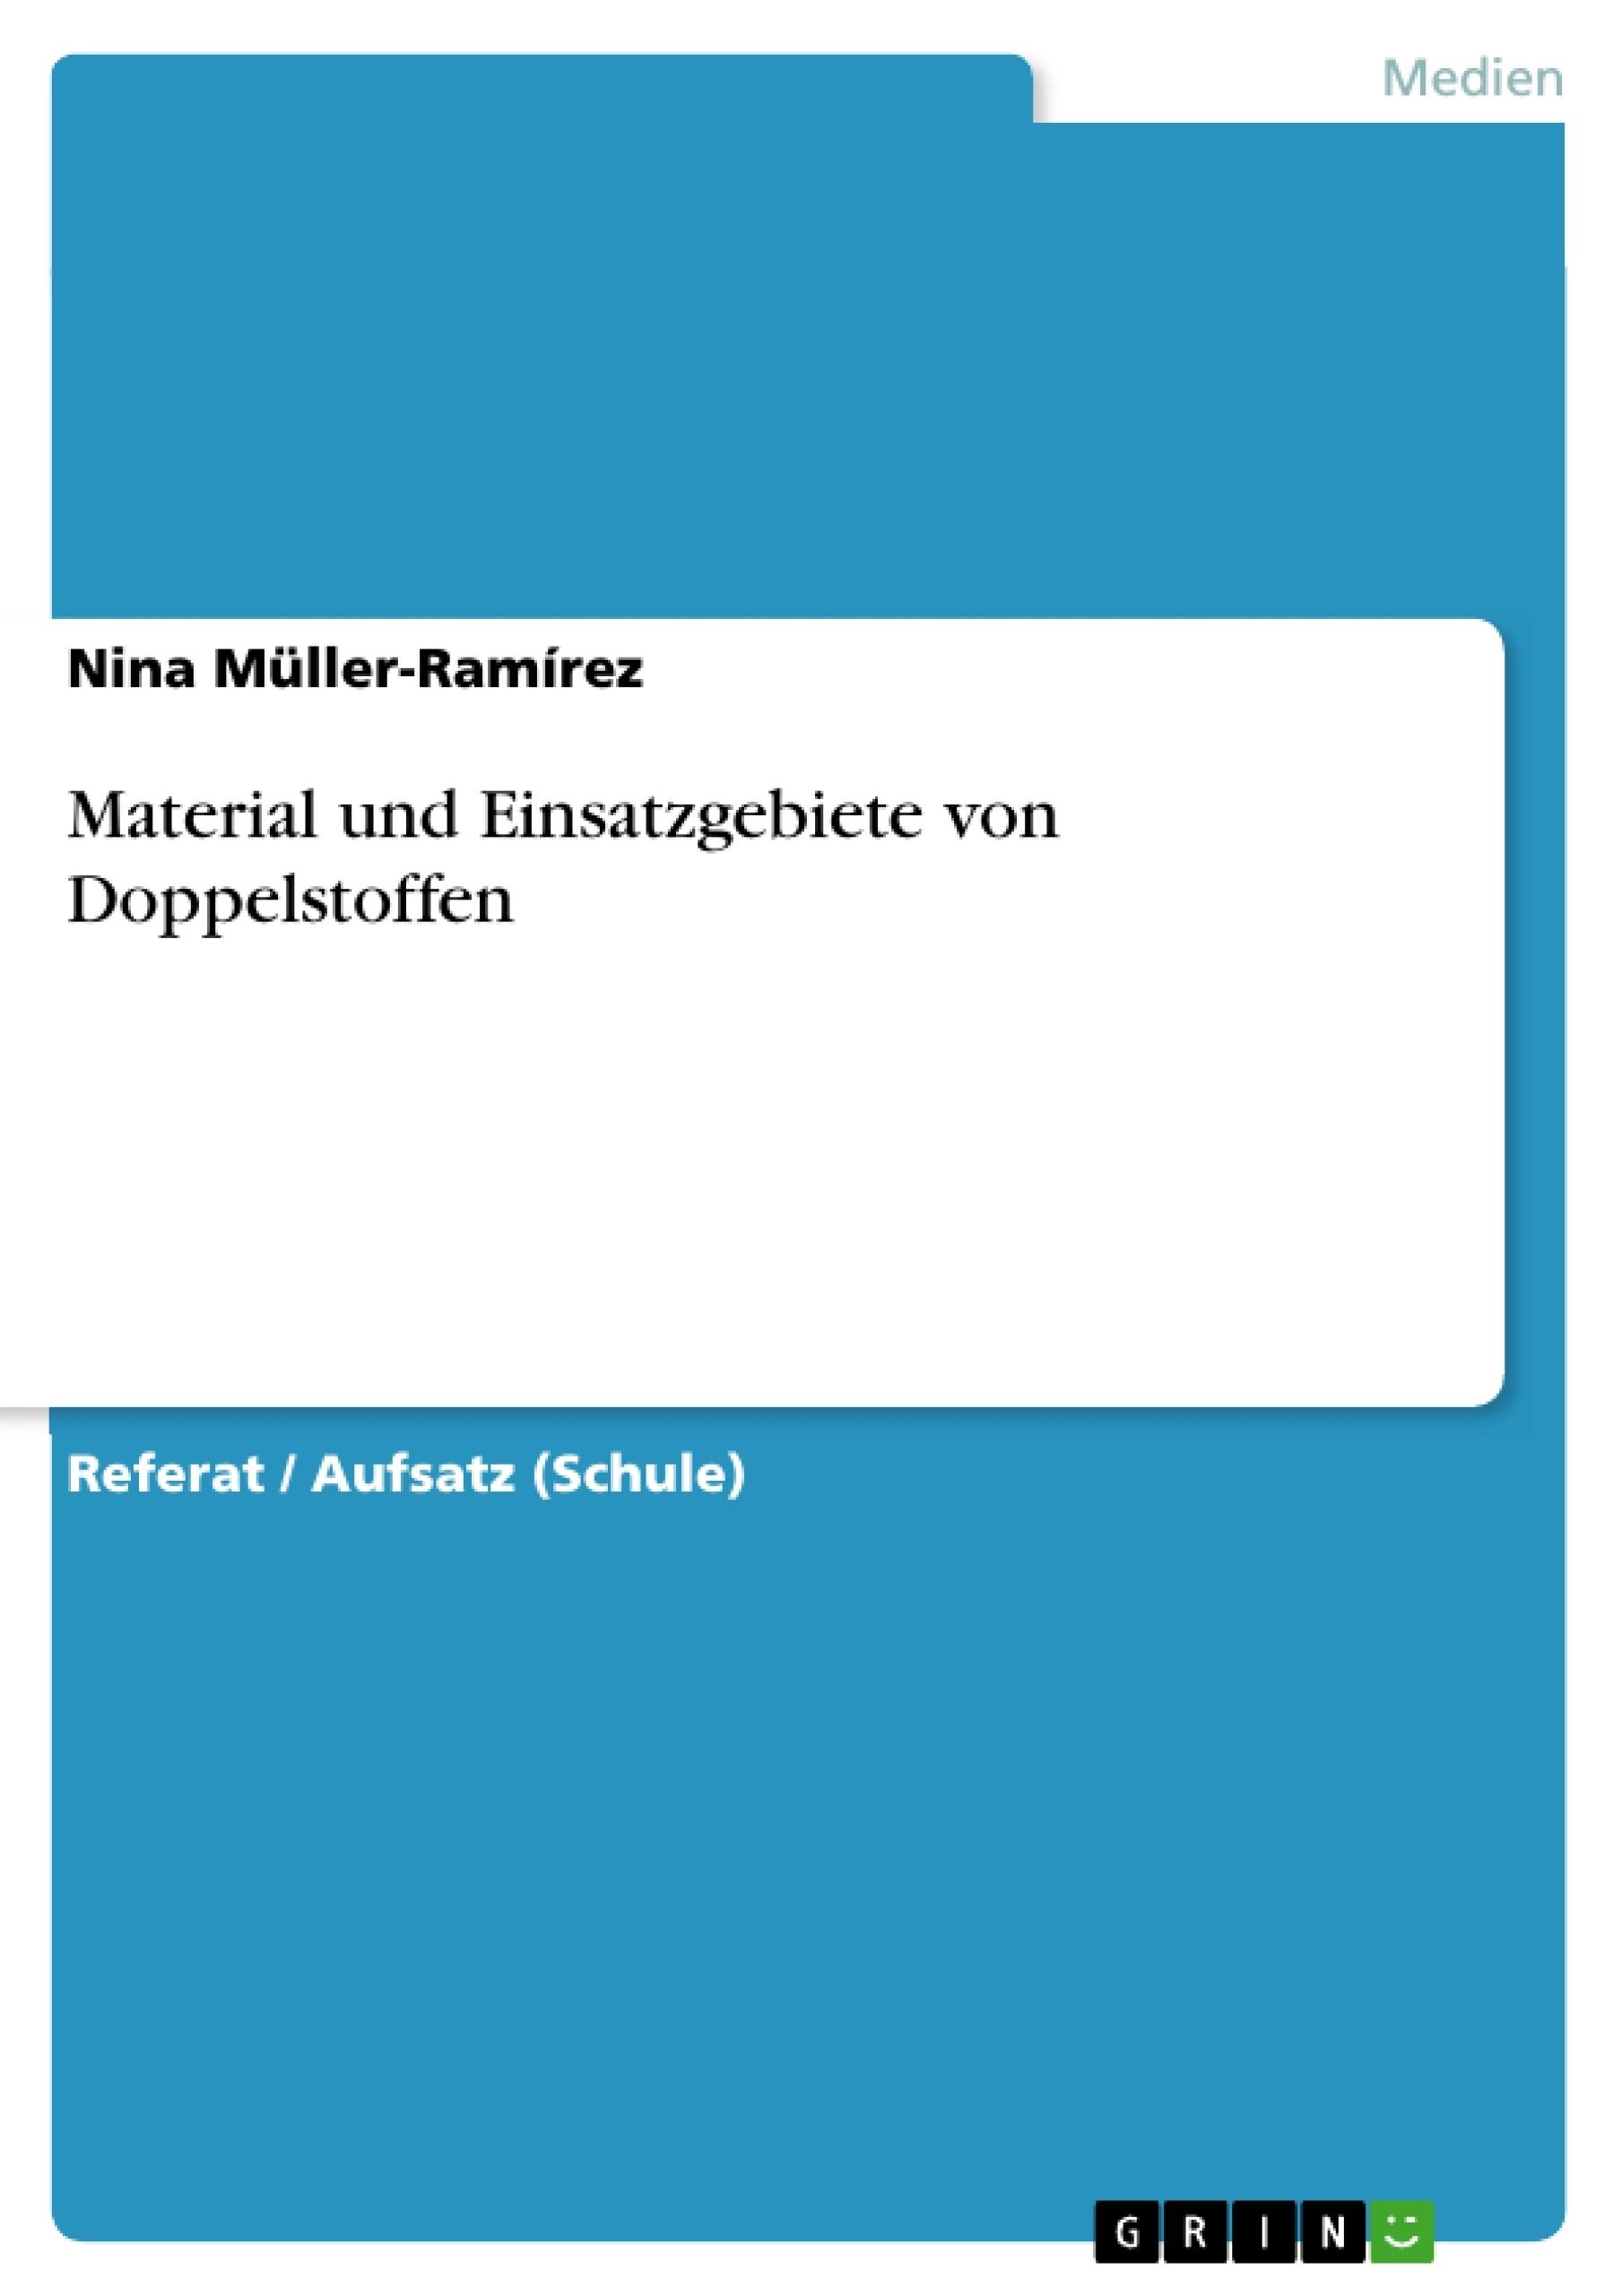 Titel: Material und Einsatzgebiete von Doppelstoffen